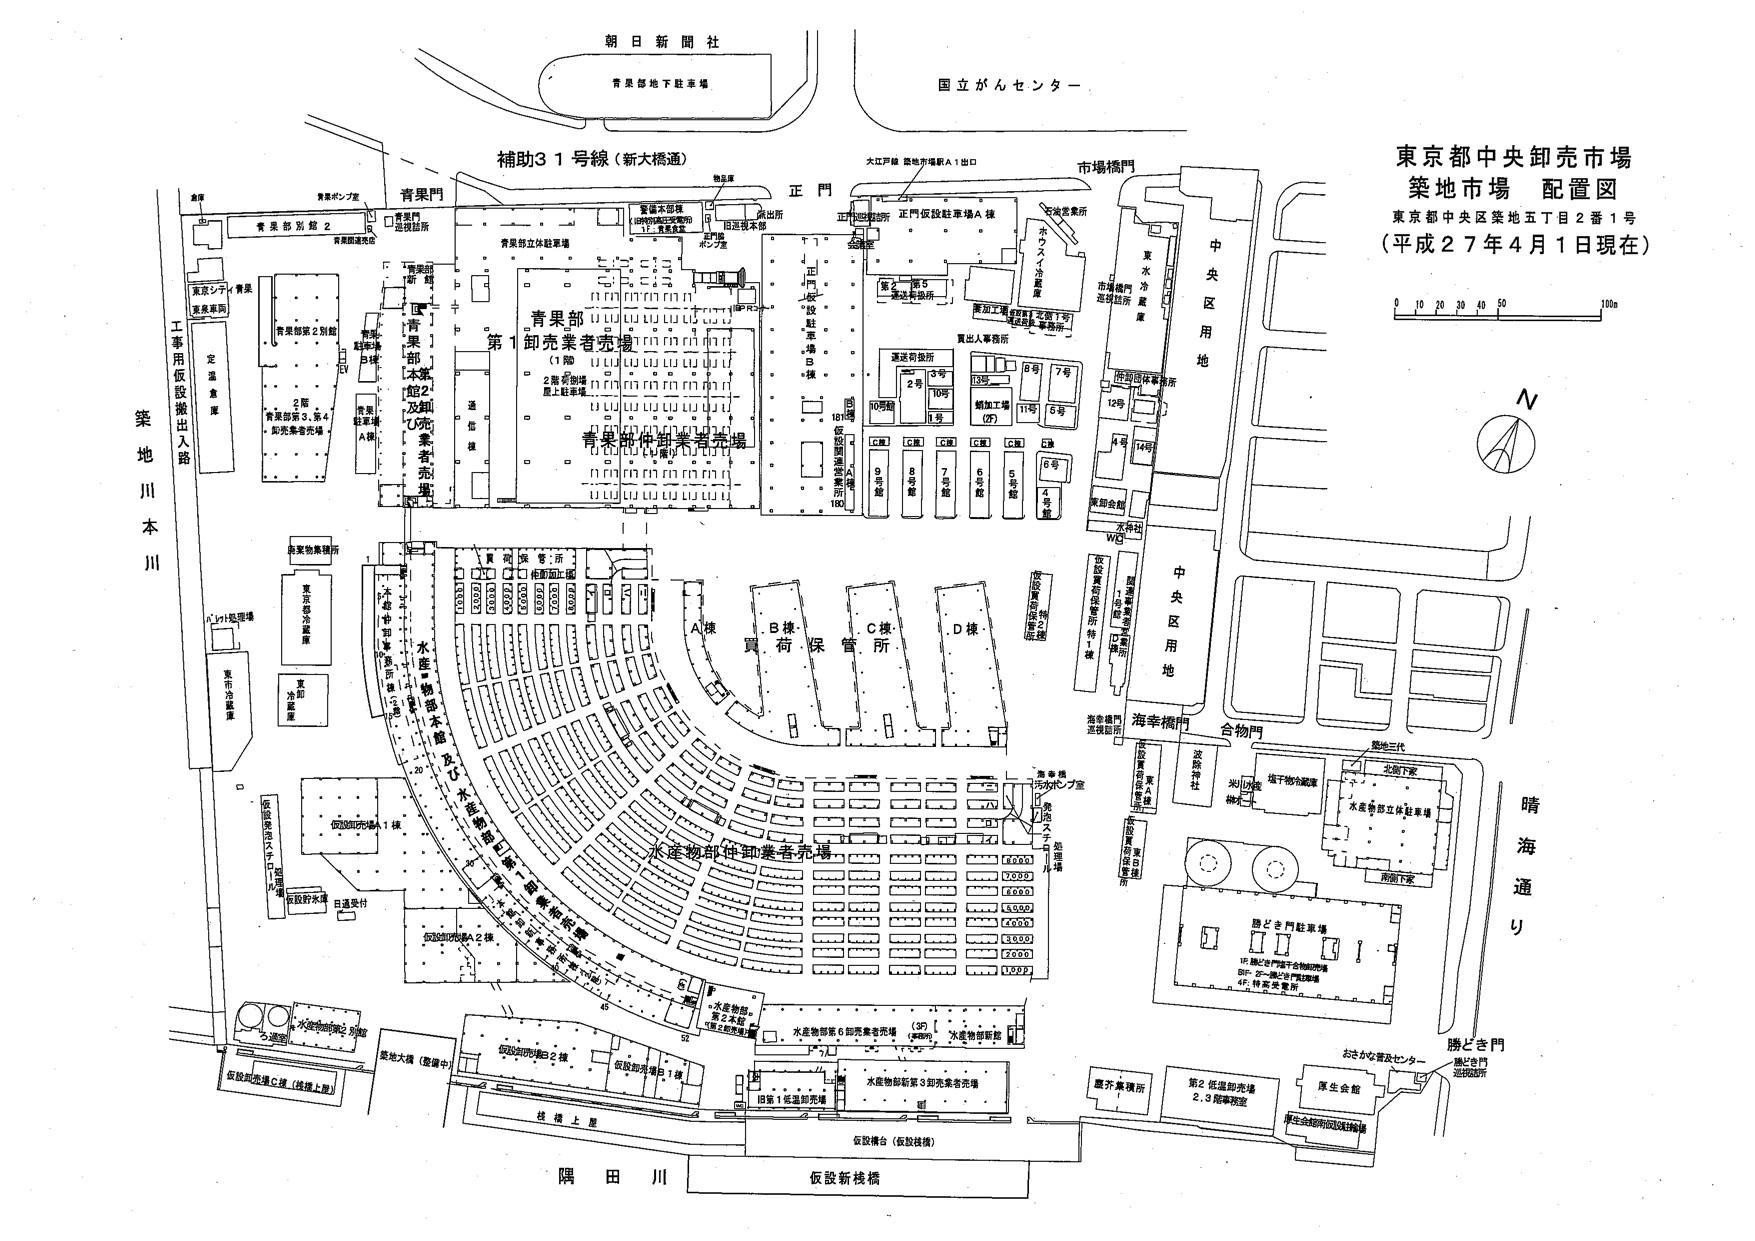 築地市場場内配置図